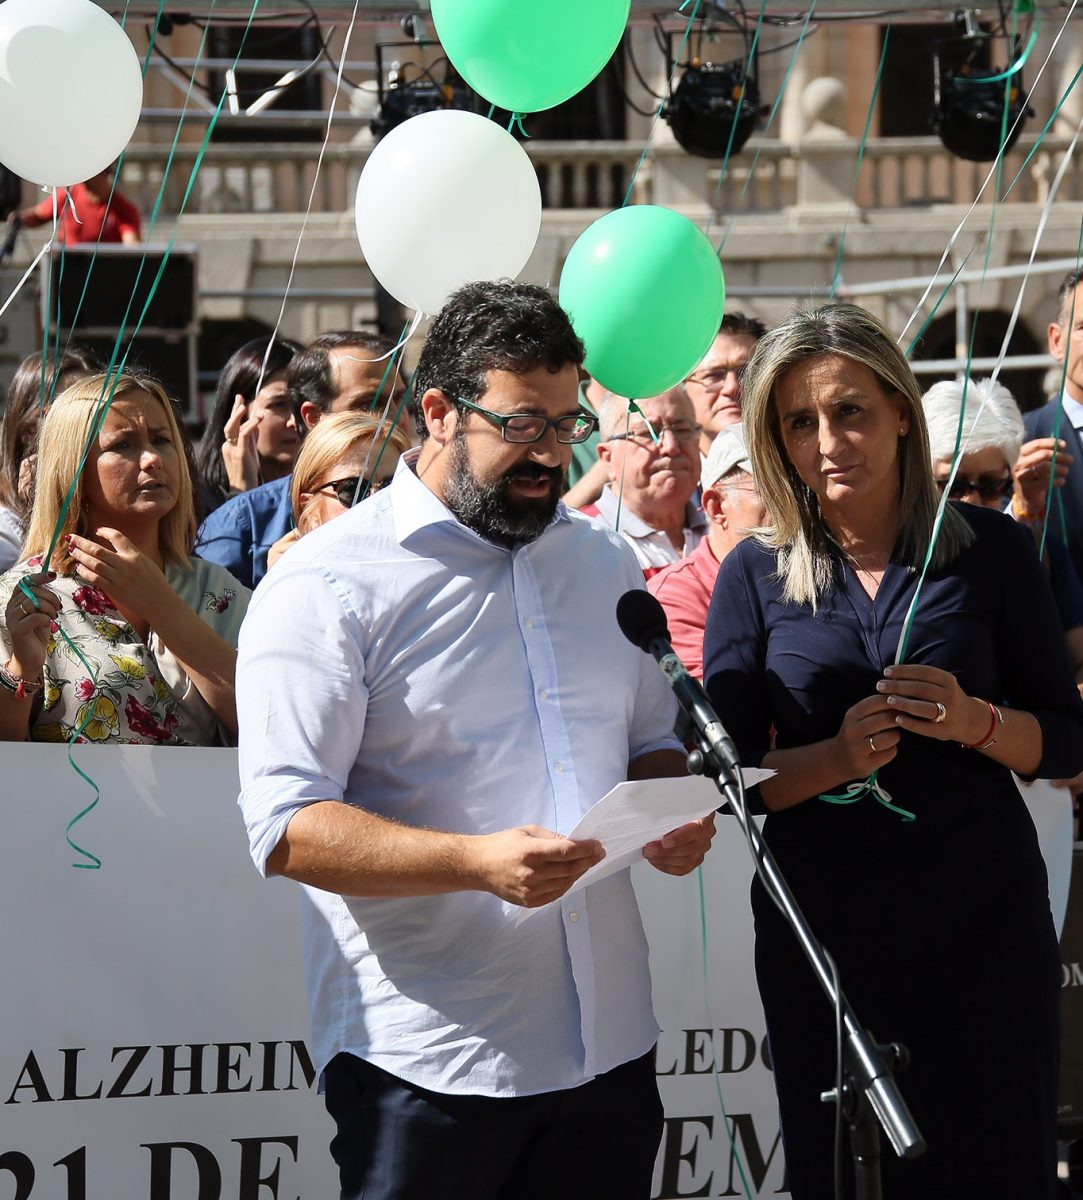 El Ayuntamiento respalda la suelta de globos de AFA por el Día Mundial del Alzheimer que reclama más sensibilidad y avances